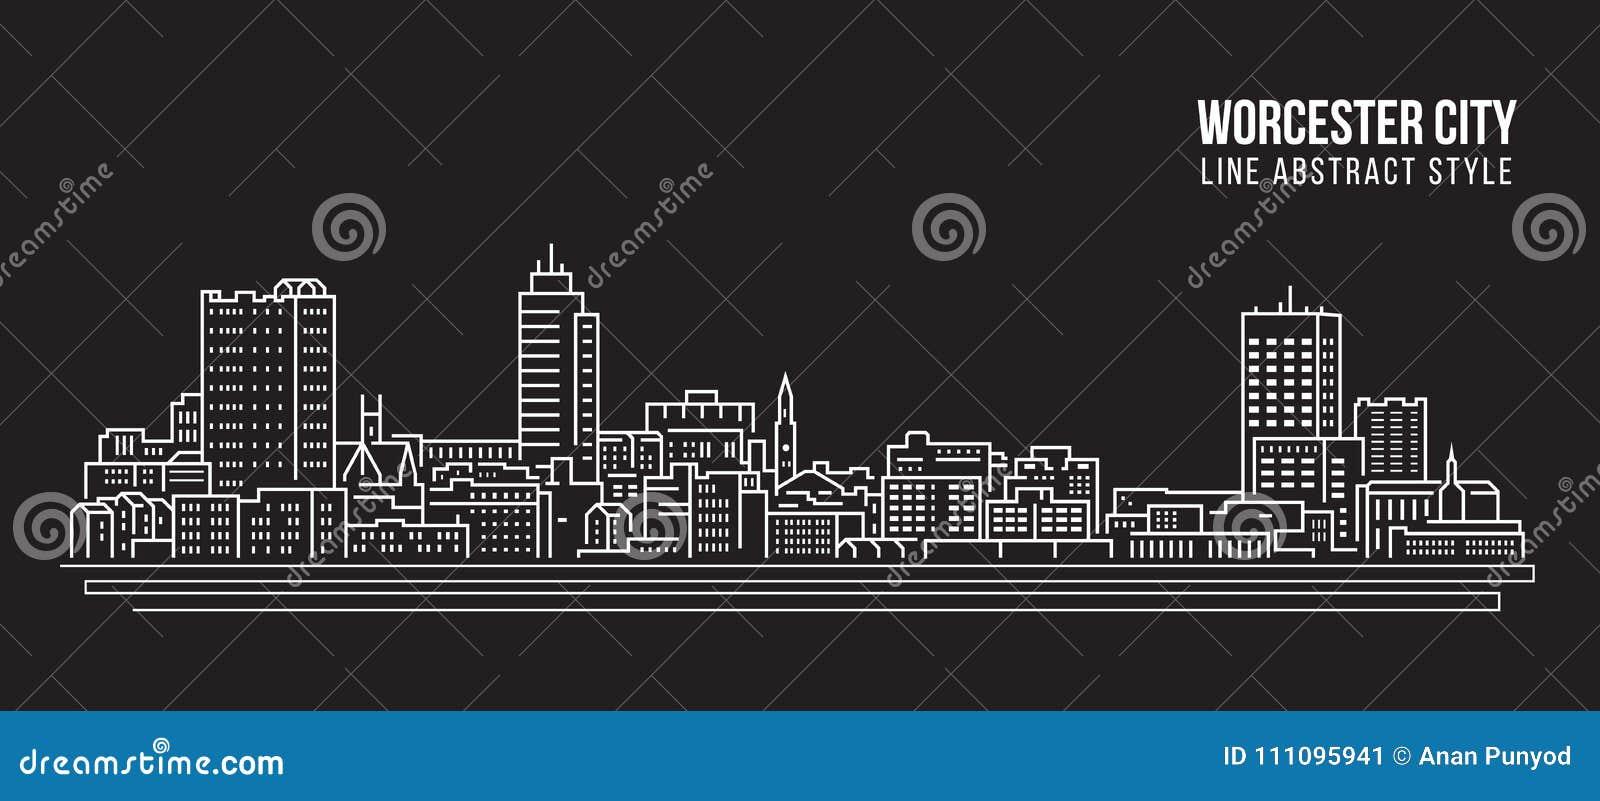 Διανυσματικό σχέδιο απεικόνισης τέχνης γραμμών κτηρίου εικονικής παράστασης πόλης - πόλη του Worcester